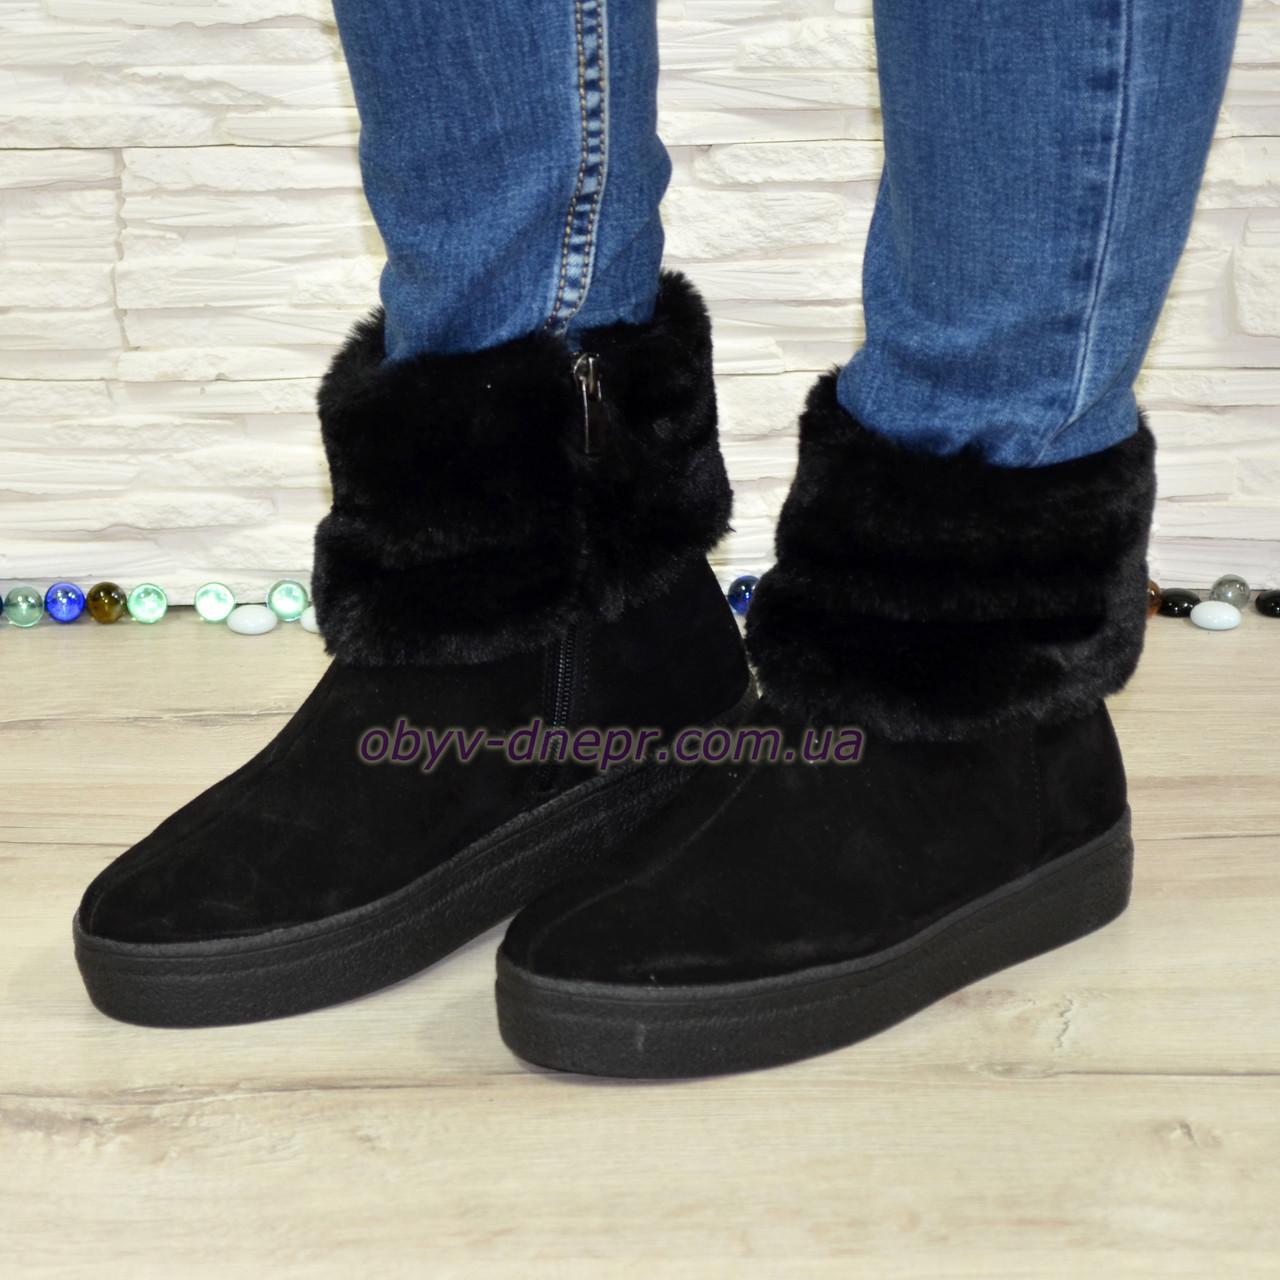 Зимние женские замшевые ботинки на утолщенной подошве, декорированы мехом. 41 размер